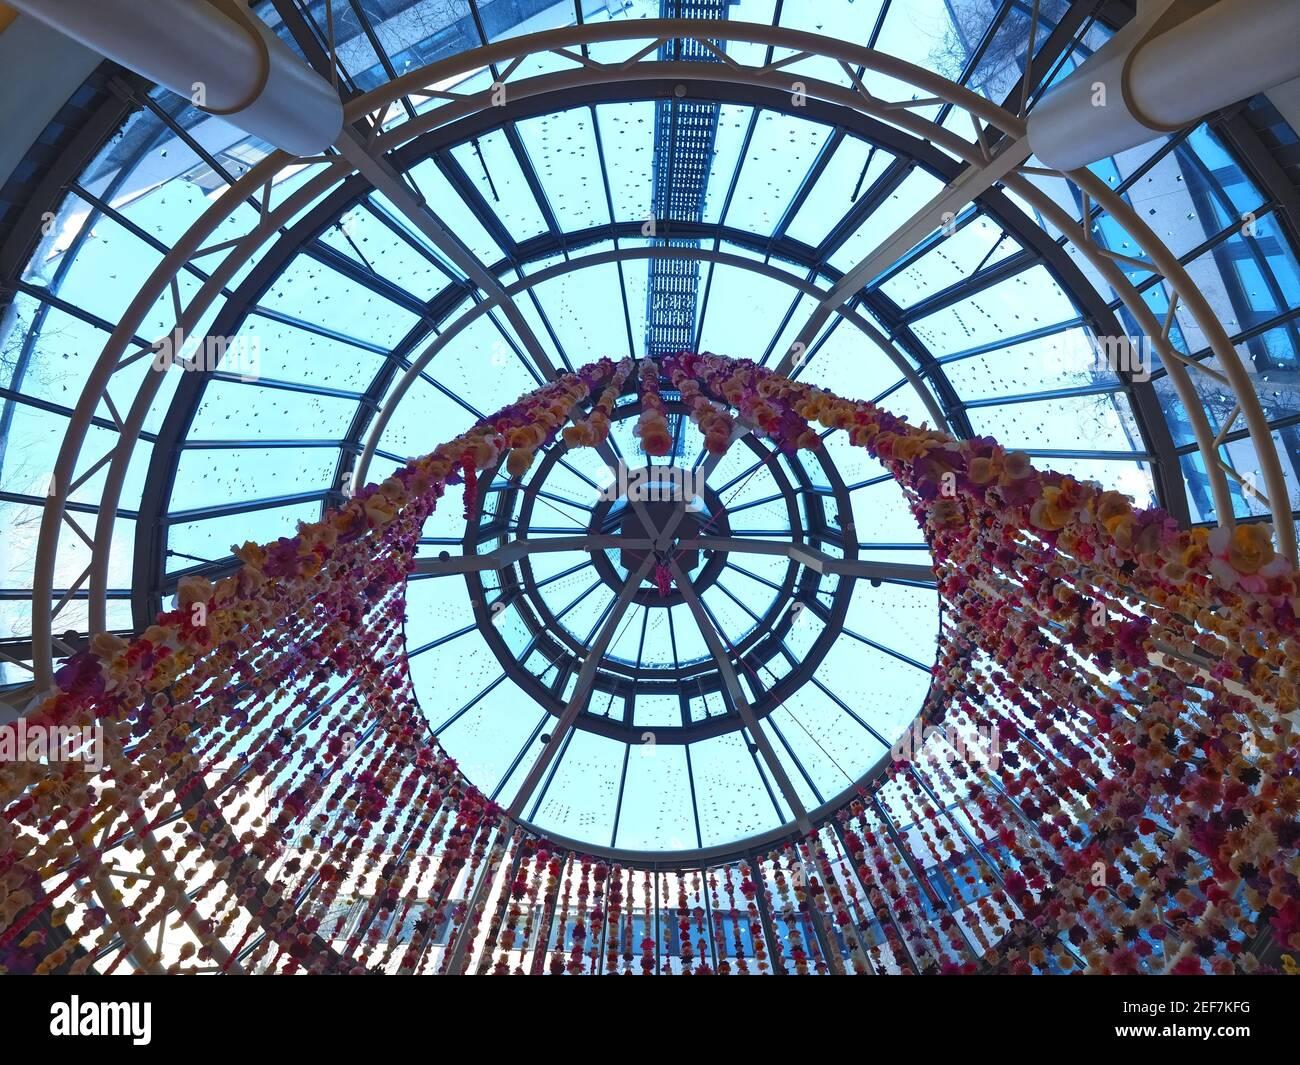 Techo dentro del famoso centro comercial Schadow Arkaden en Duesseldorf Foto de stock